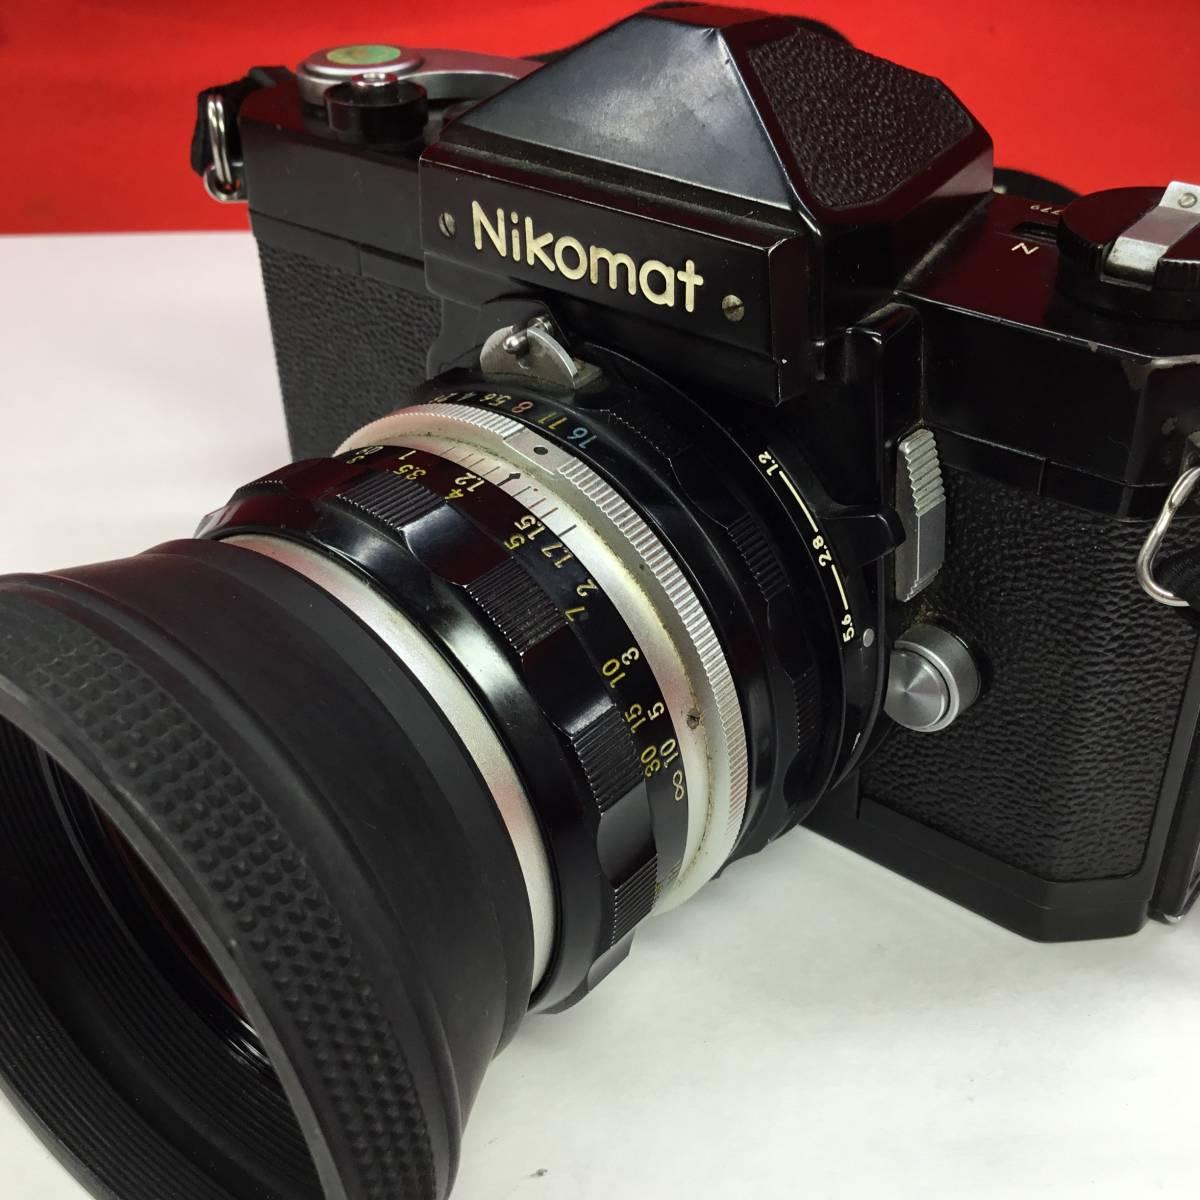 一眼レフカメラ Nikomat FT レンズ Nikon NIKKOR-H Auto 1:2 f=50mm ニコマート